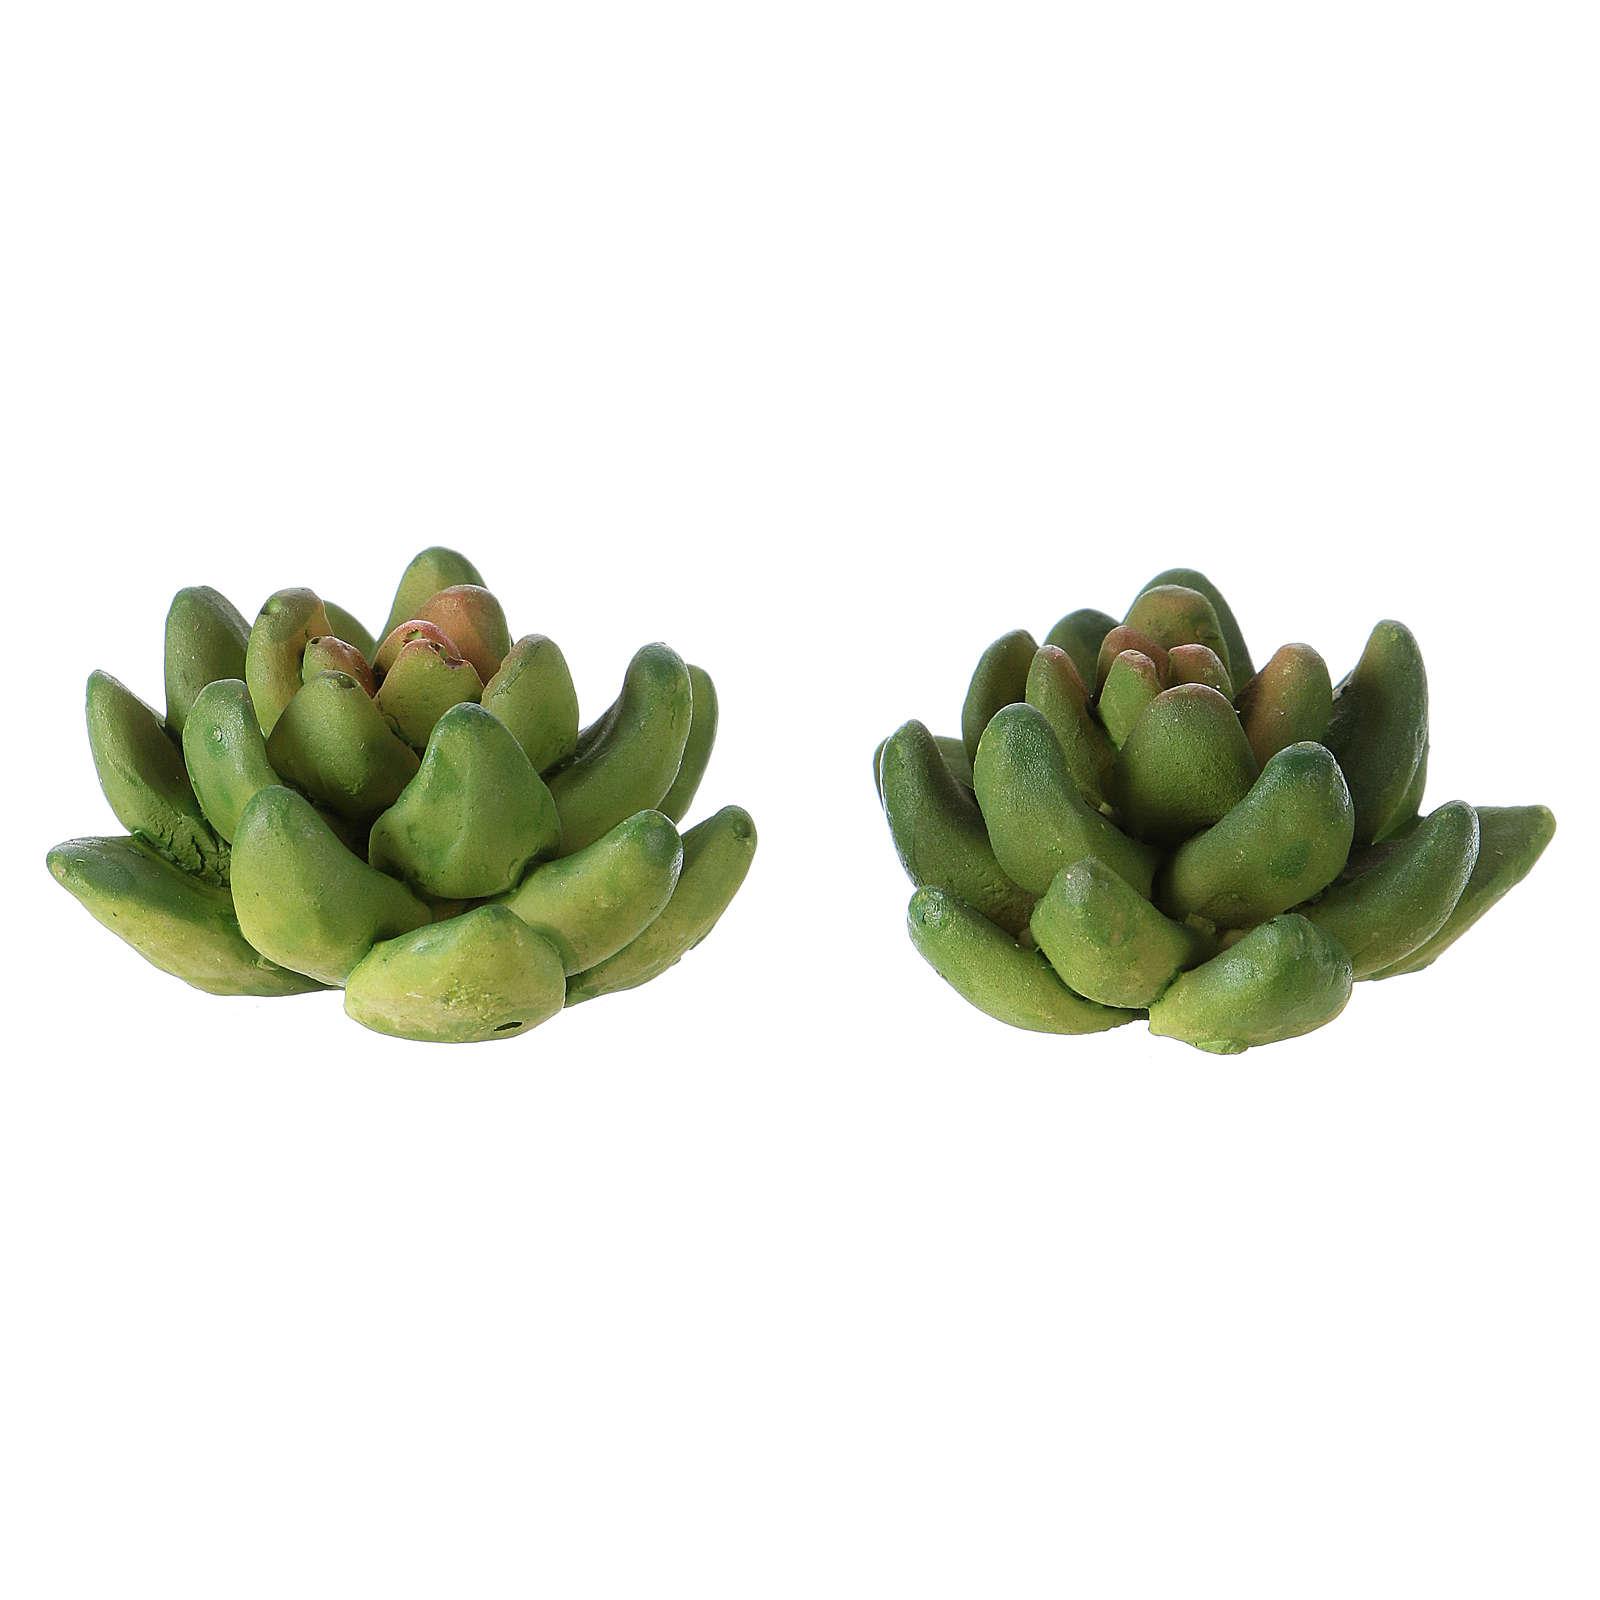 Set 2 plantas 2x3x3 cm resina para belén 4